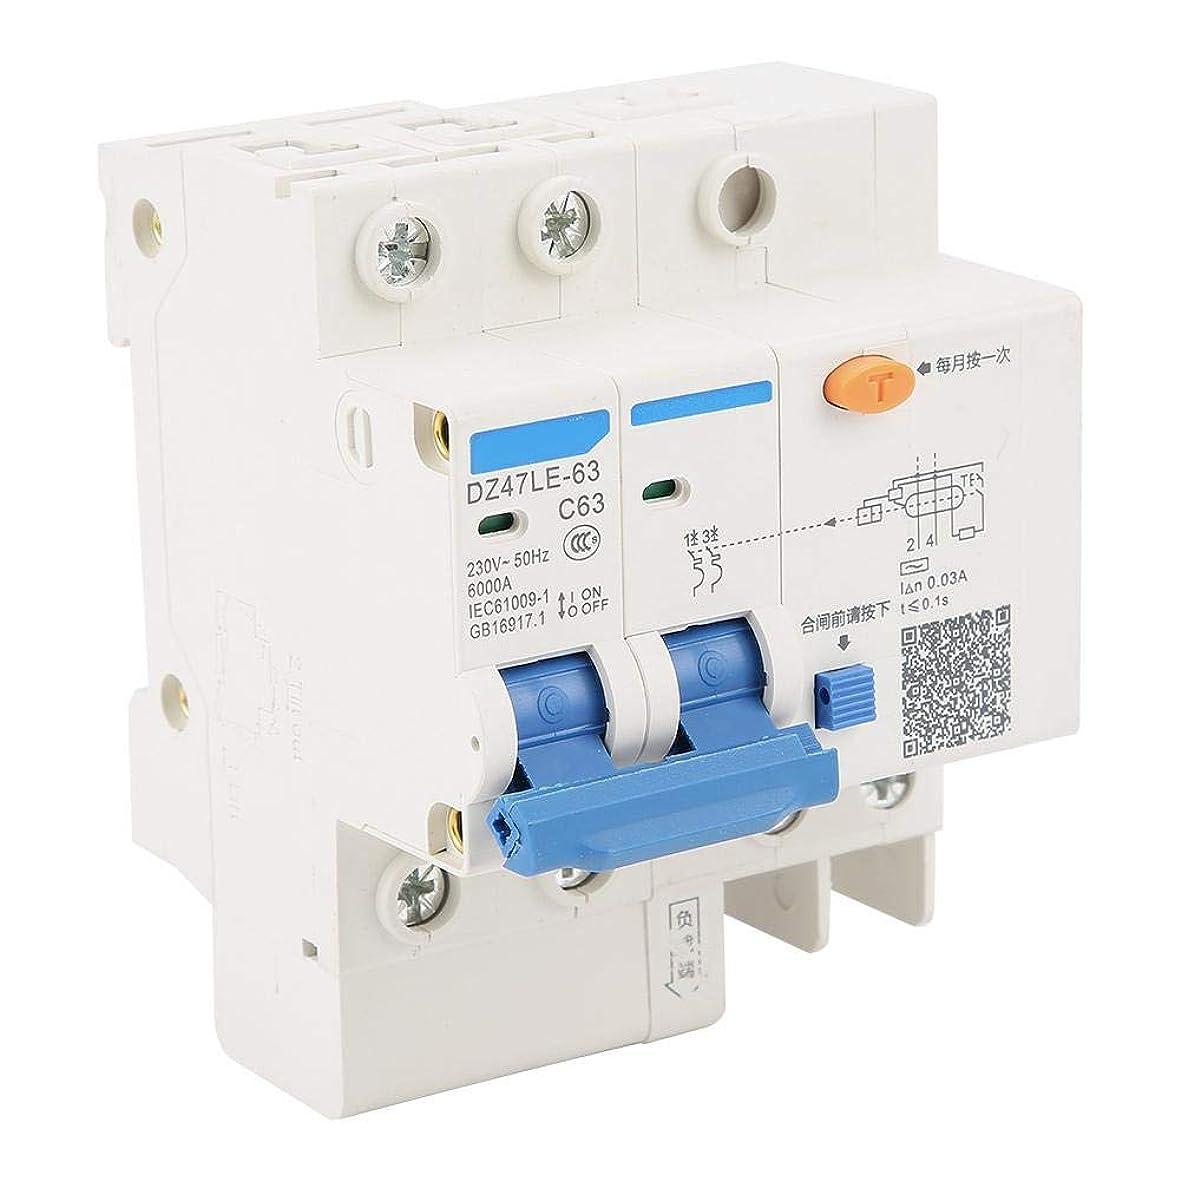 召集する話アナロジー残留電流遮断器DZ47LE-63 2P + N C63 RCCB残留電流遮断器230V 63A 30mA